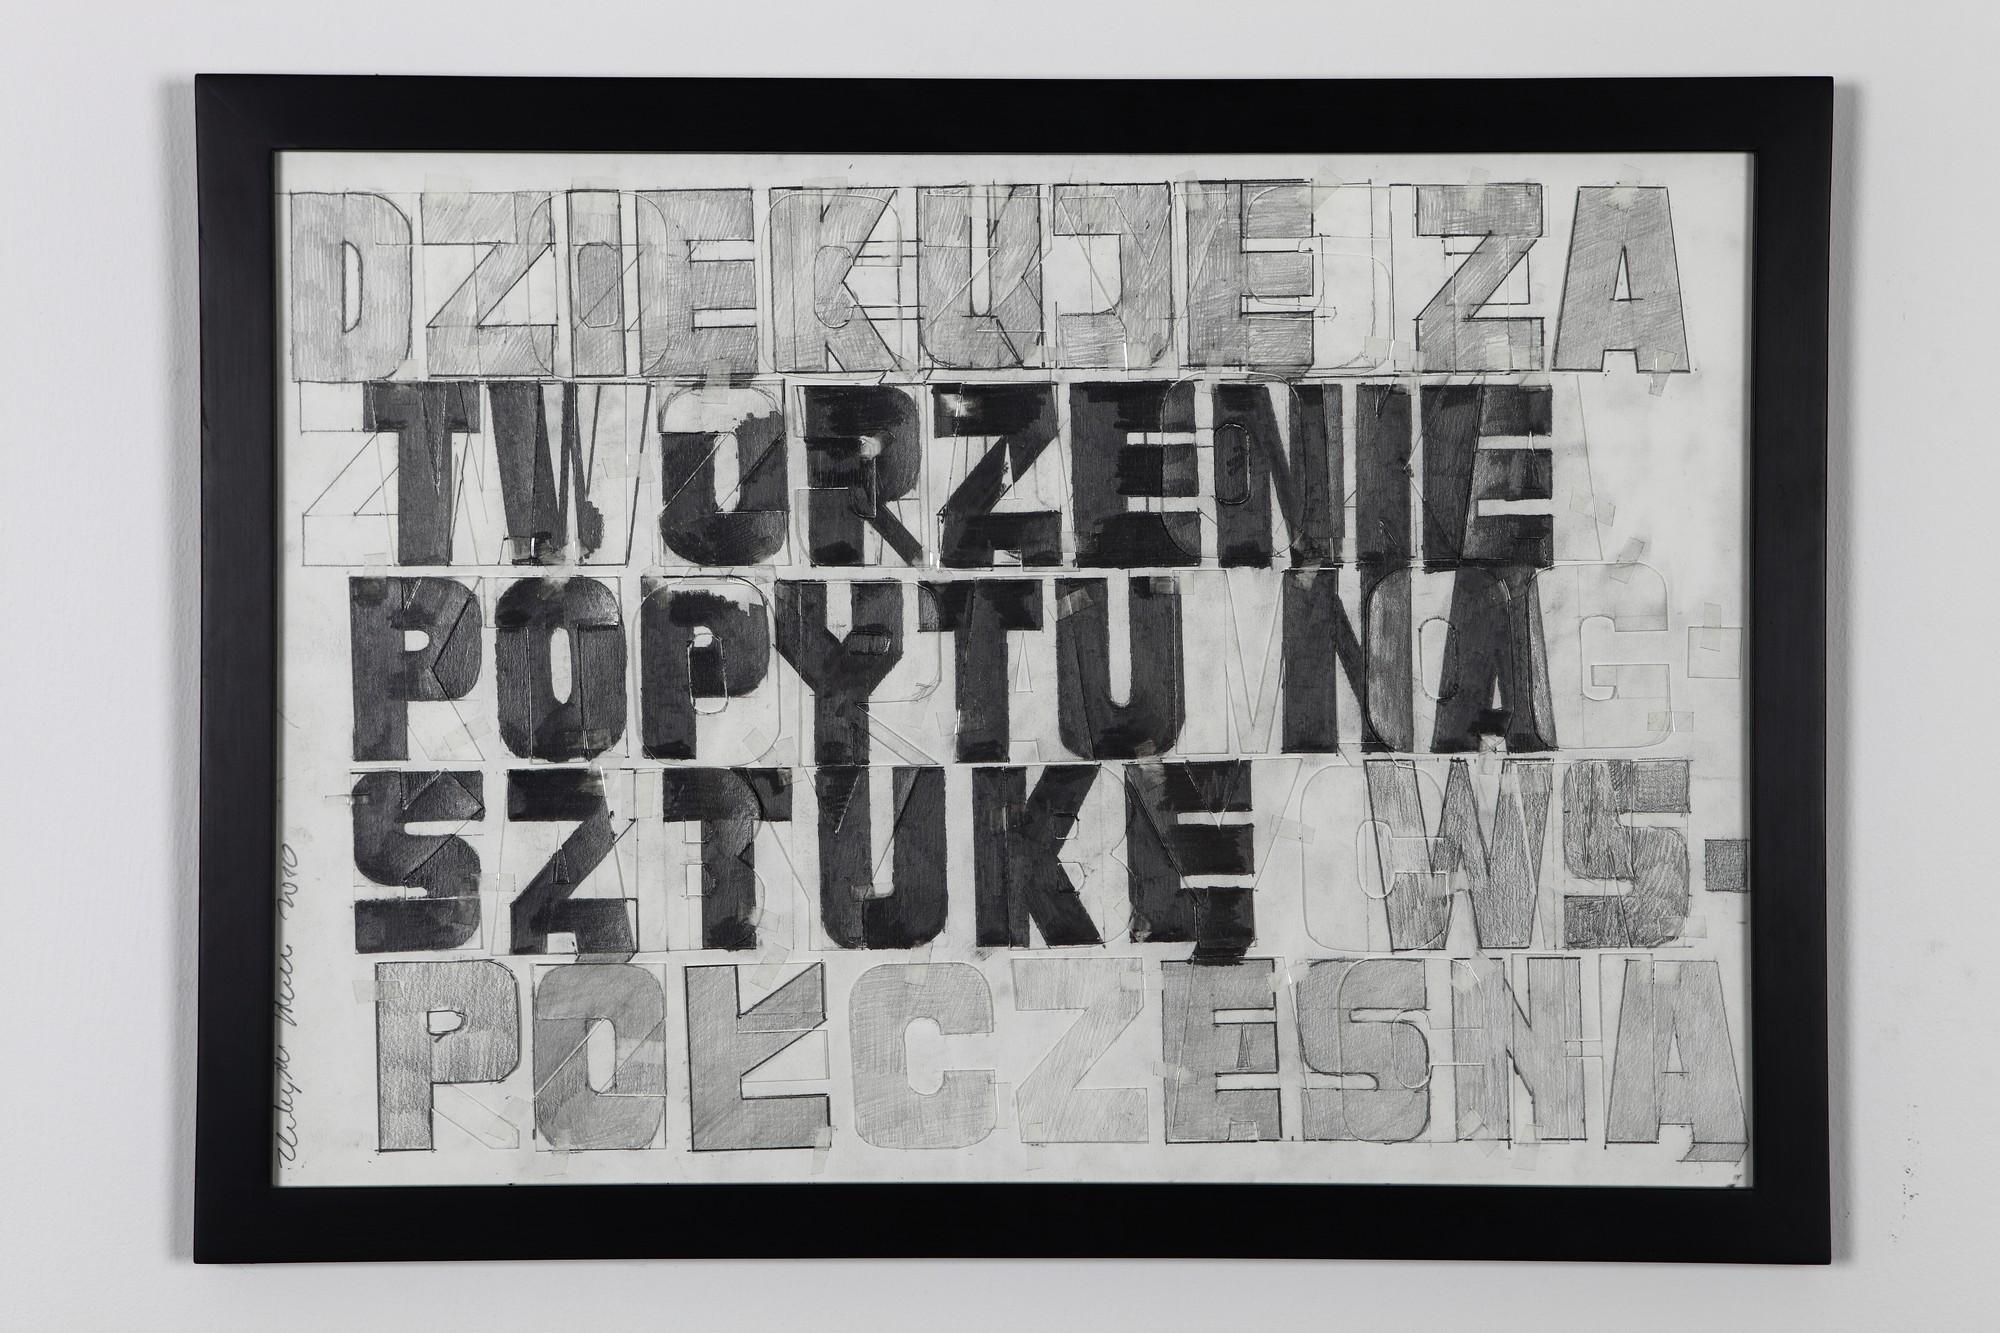 """Zbigniew Libera, """"Dziękuję za tworzenie popytu na sztukę współczesną"""", 2010, dzięki uprzejmości Katarzyny i Wojciecha Szafrańskich (źródło: materiały prasowe organizatora wystawy)"""